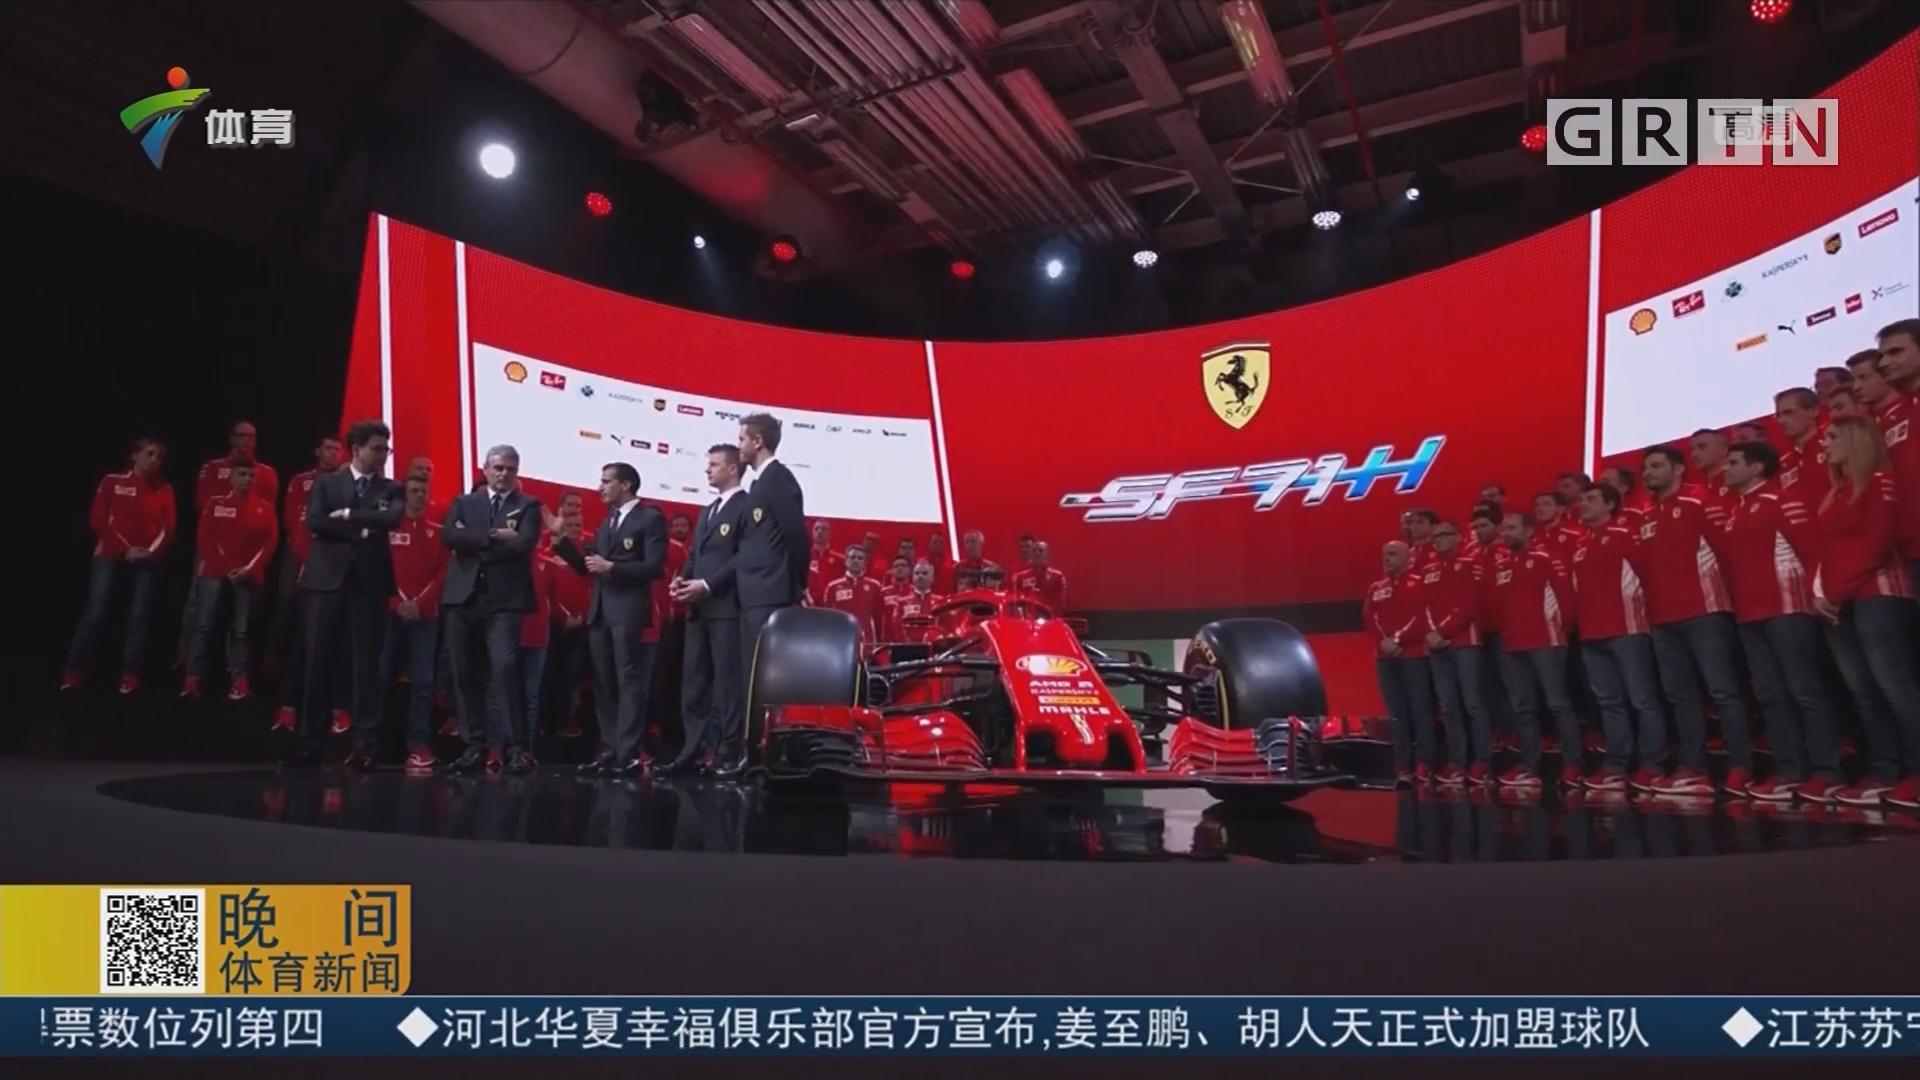 法拉利发布2018新赛车——SF—71H